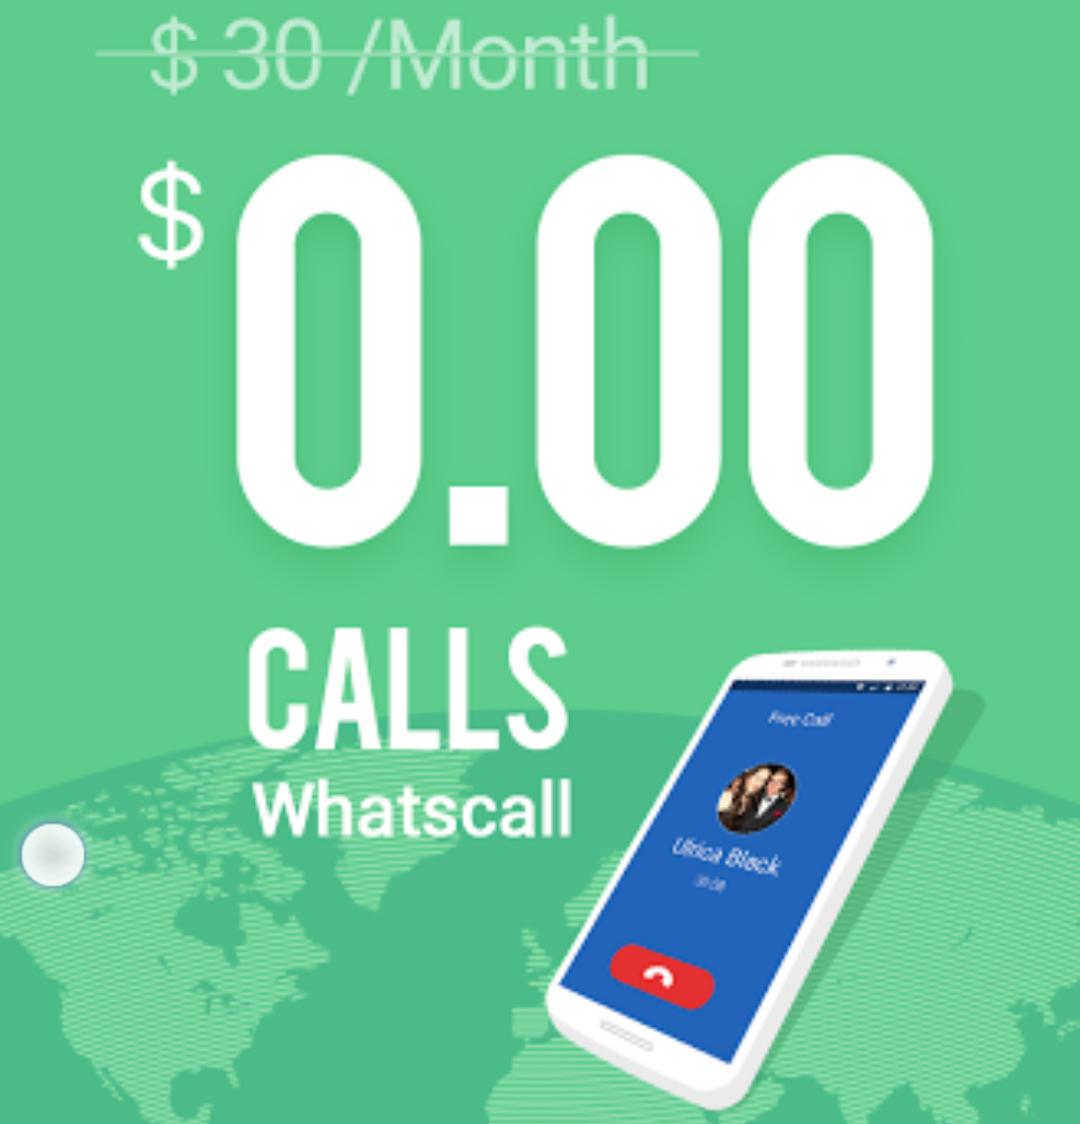 about WhatsCall